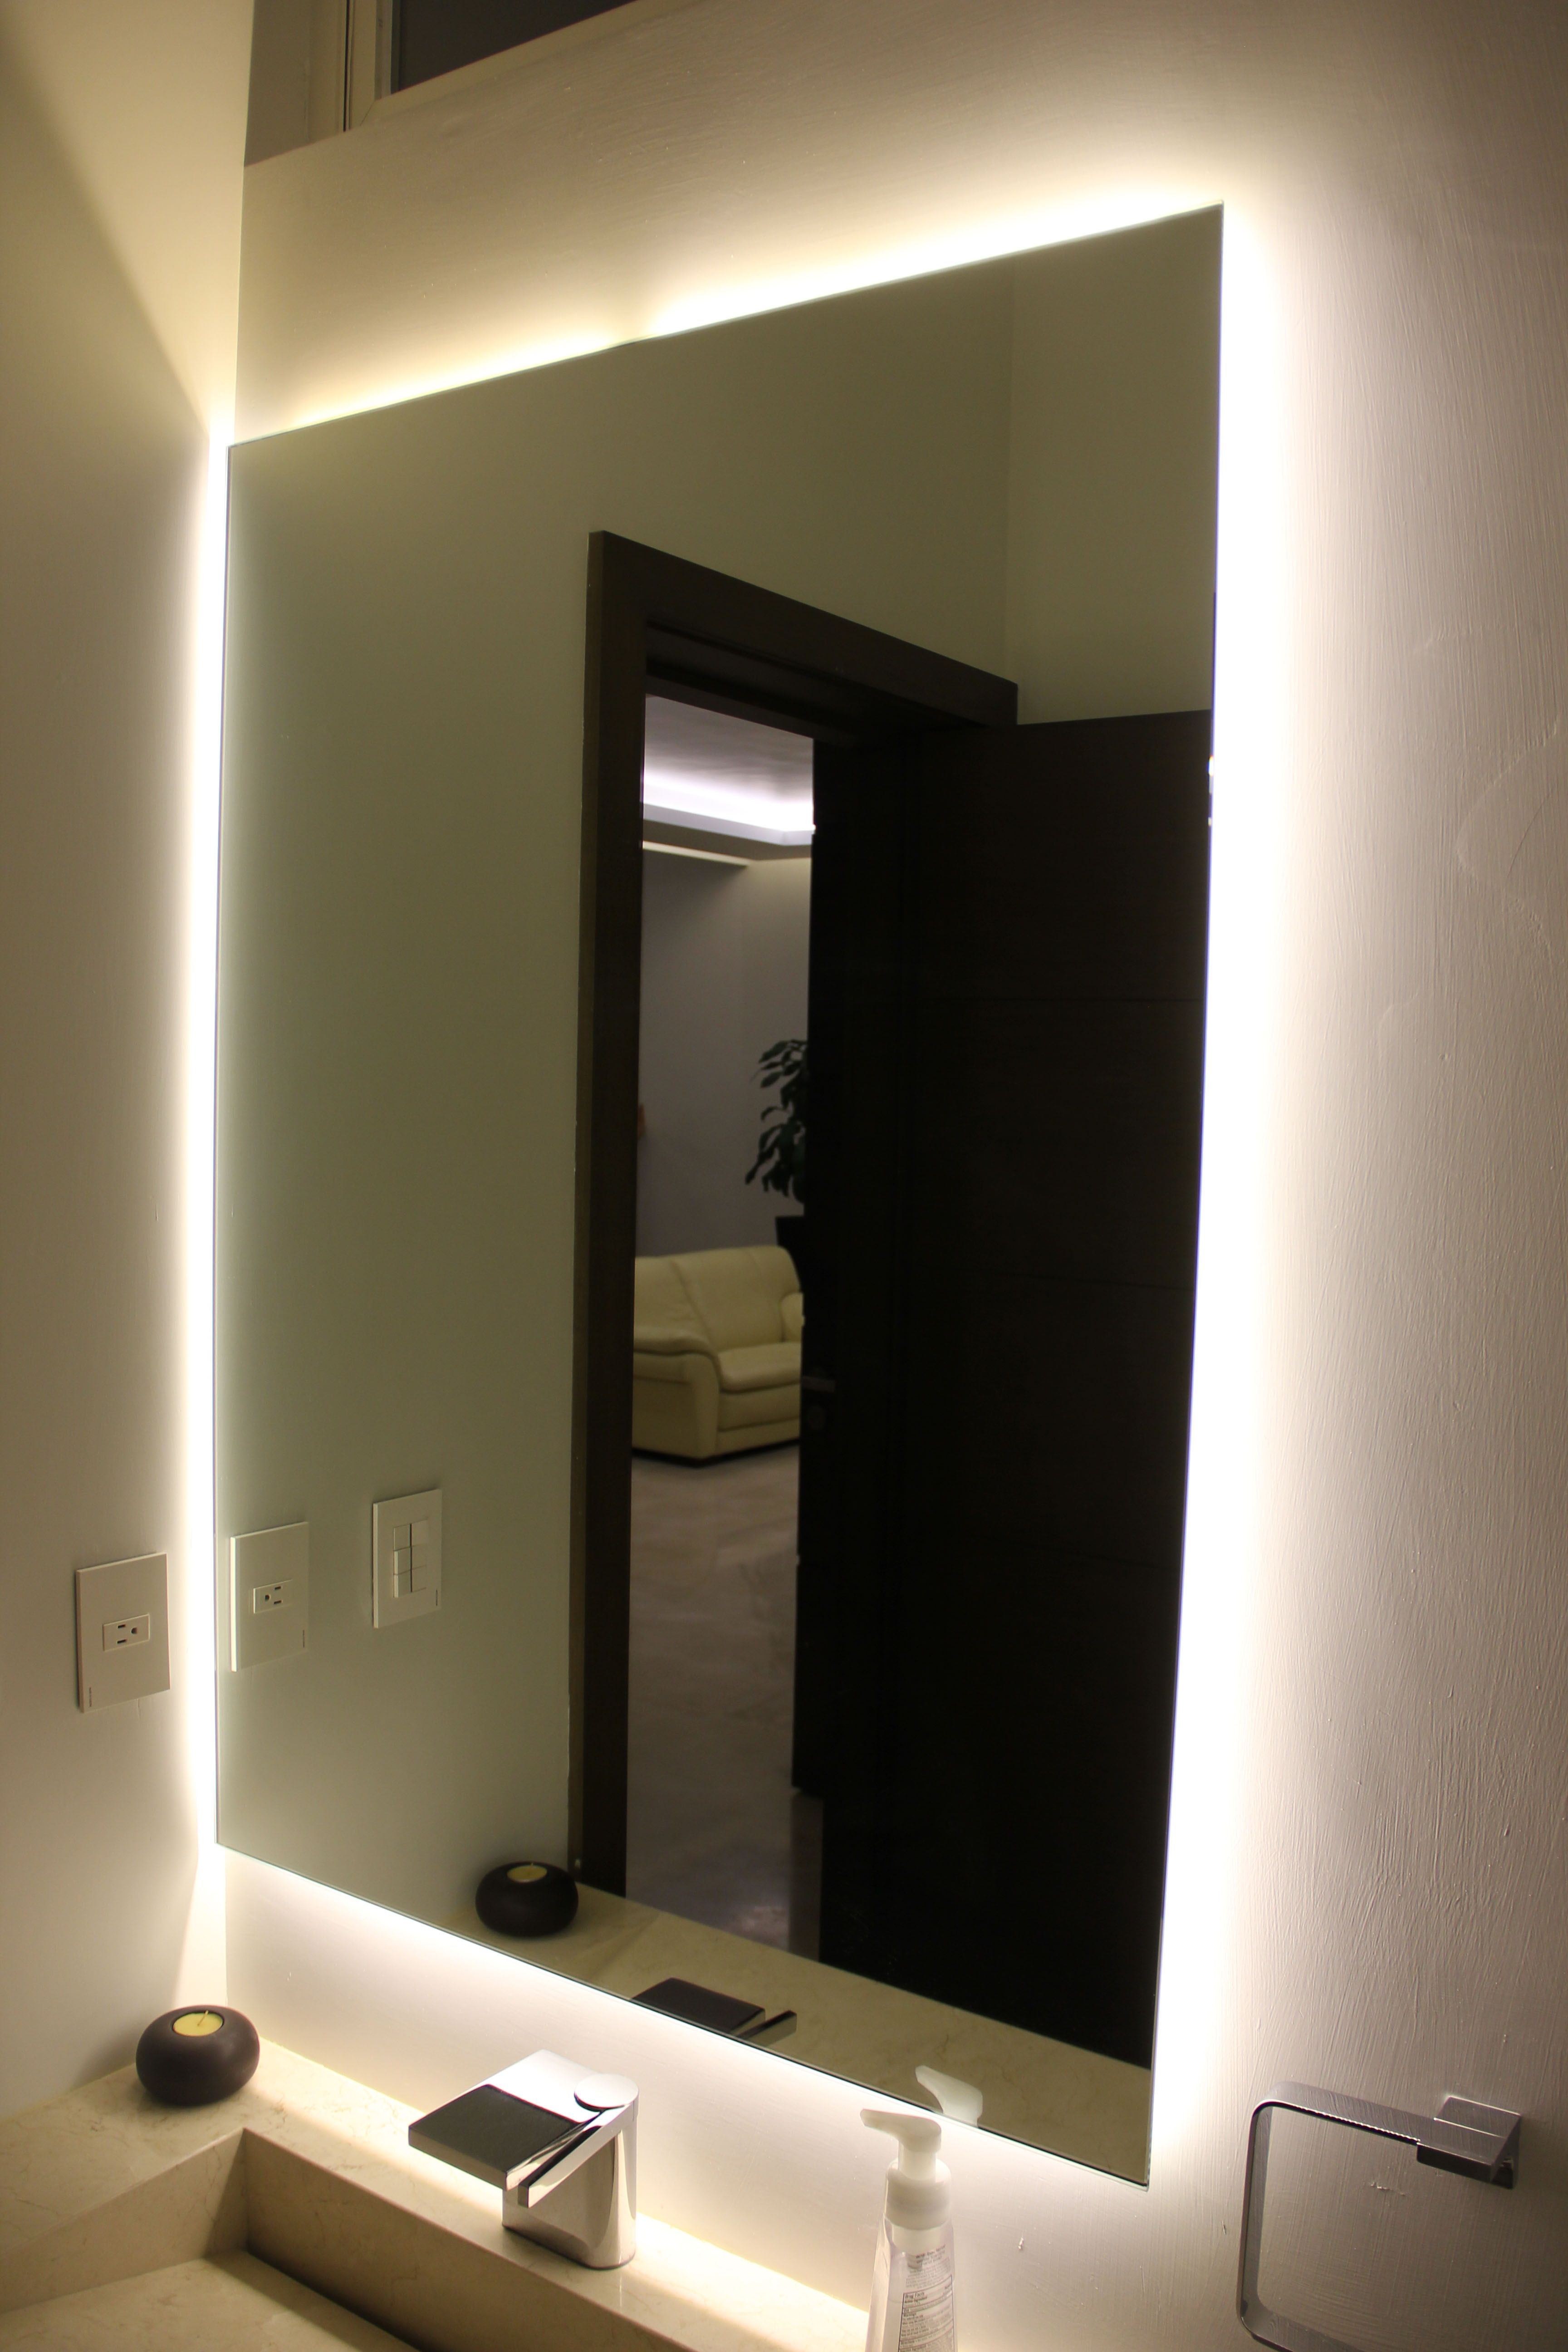 Acentos empotrados detr s de espejos de ba os y cajillos - Luz para banos ...